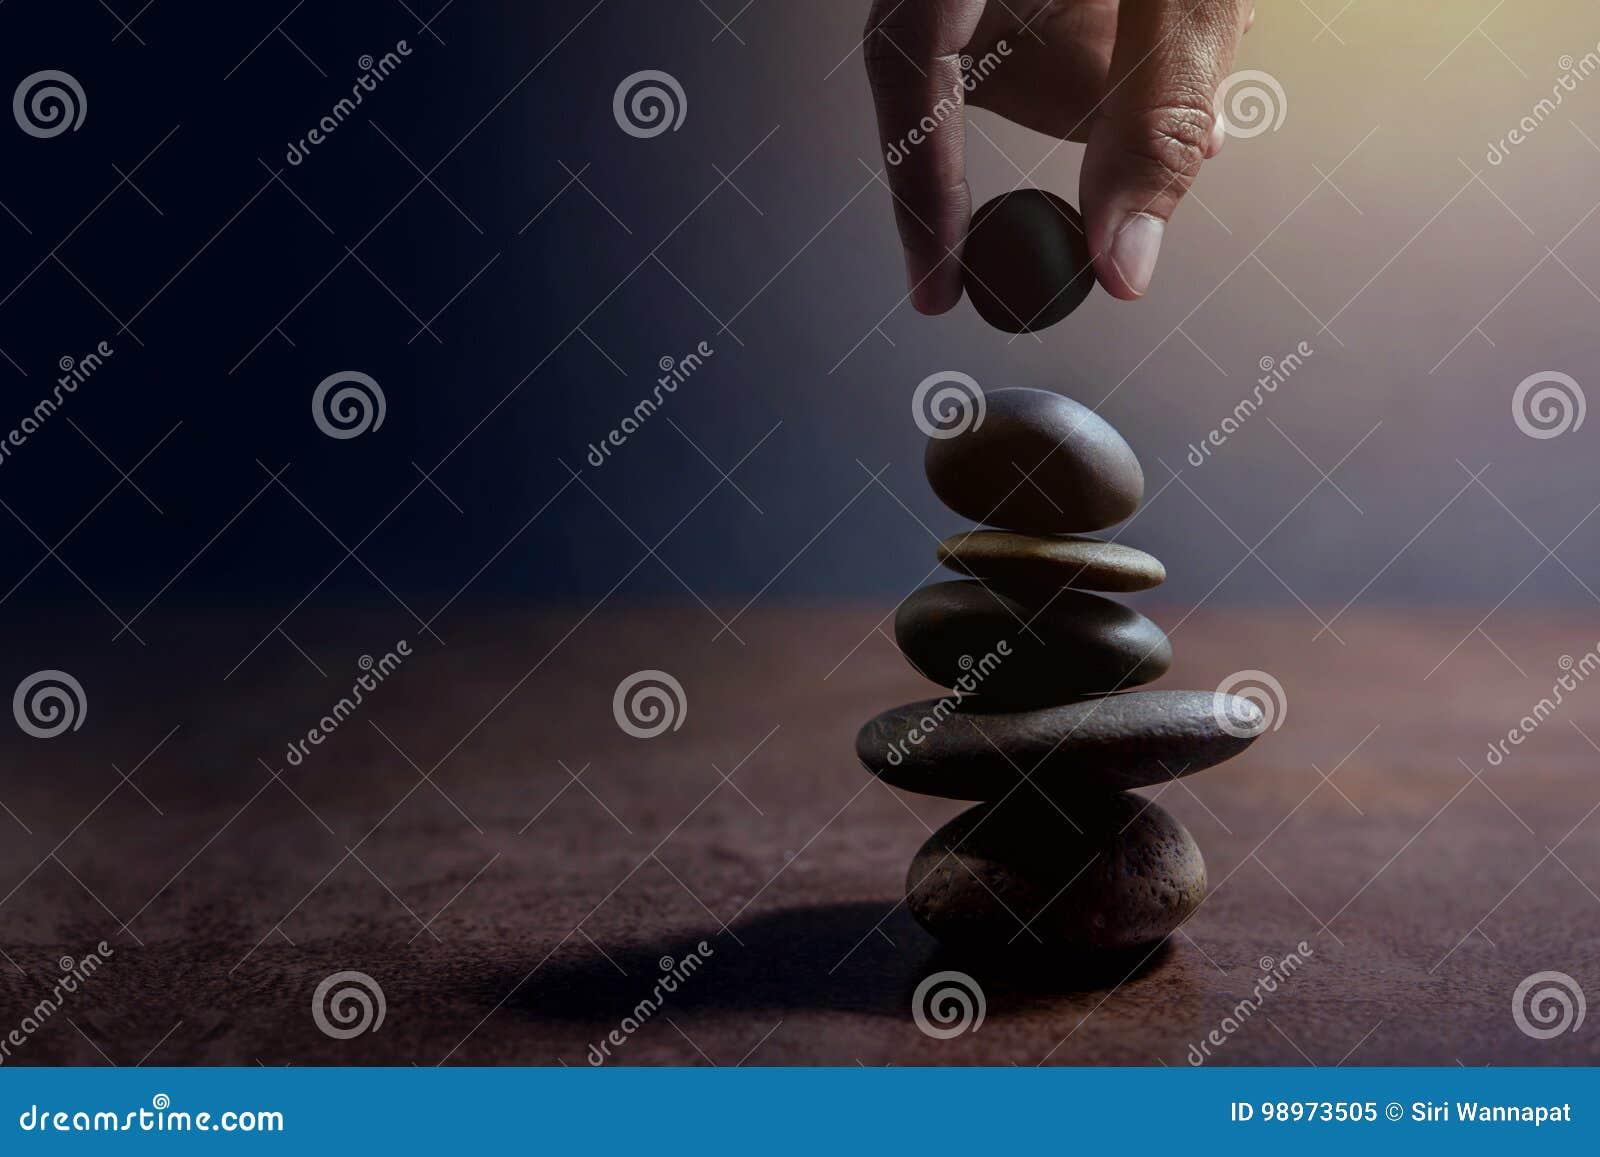 Сбалансируйте концепцию жизни и работать присутствующий вручную устанавливать